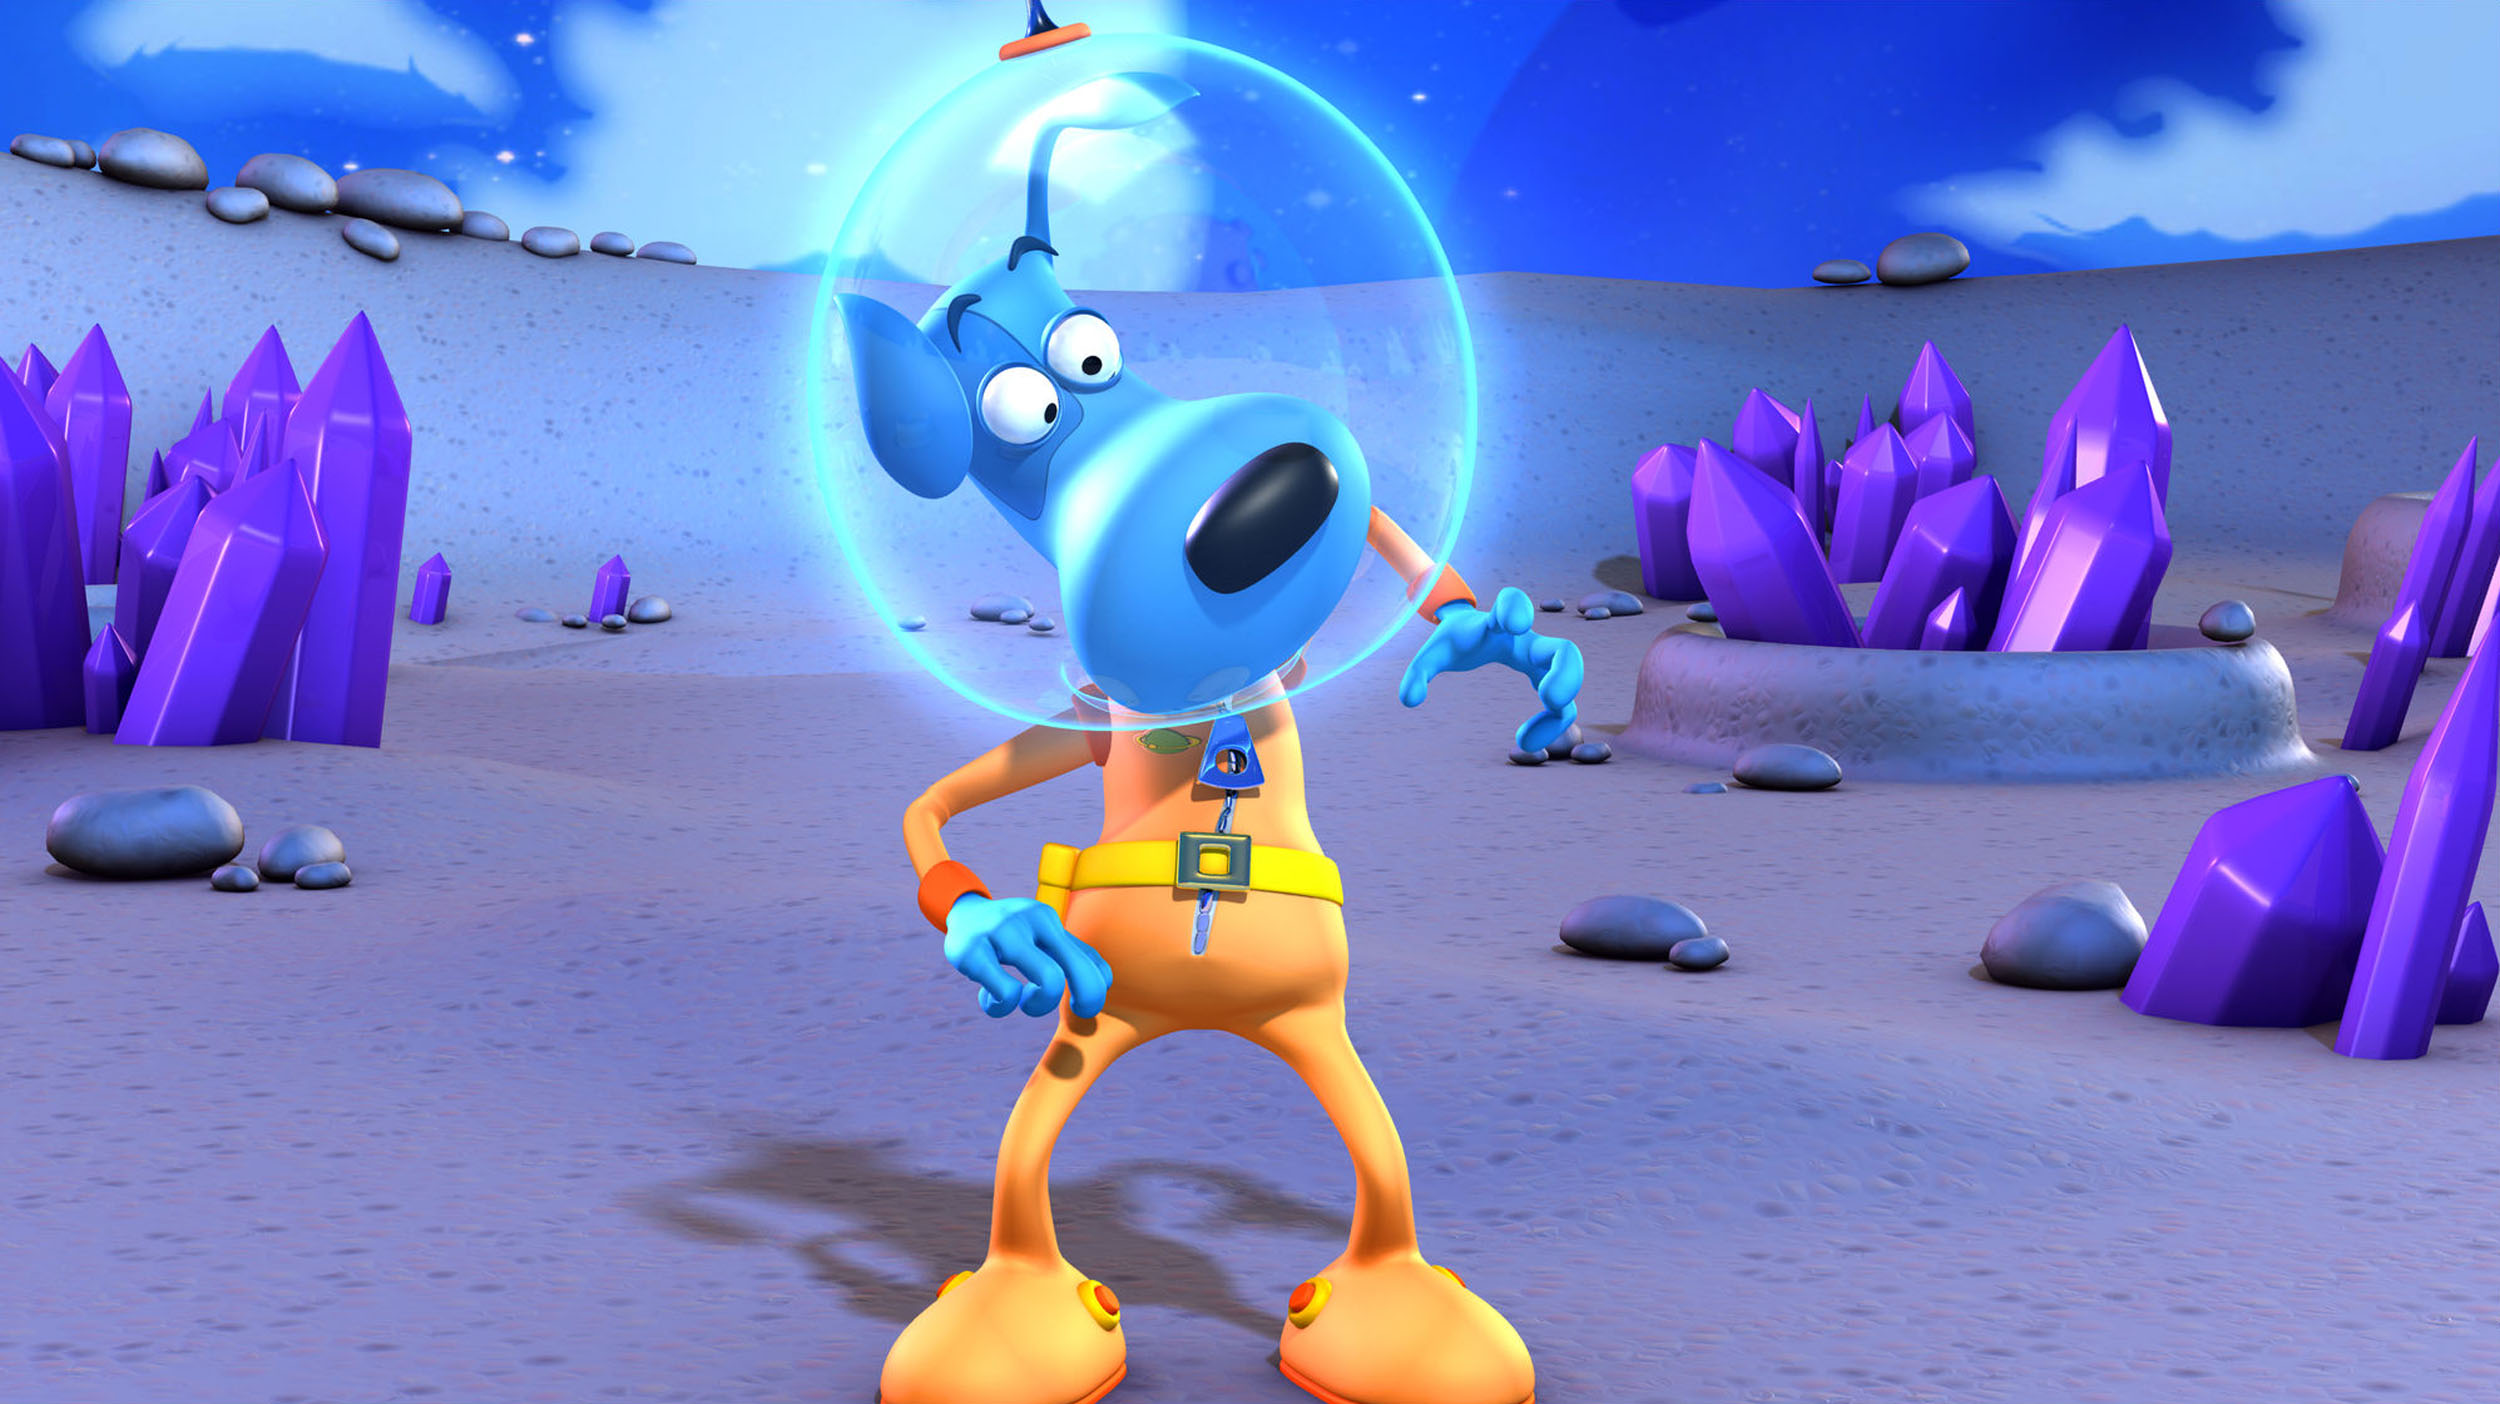 BOOM_CGI_CHARACTER_space-dog-scene.jpg